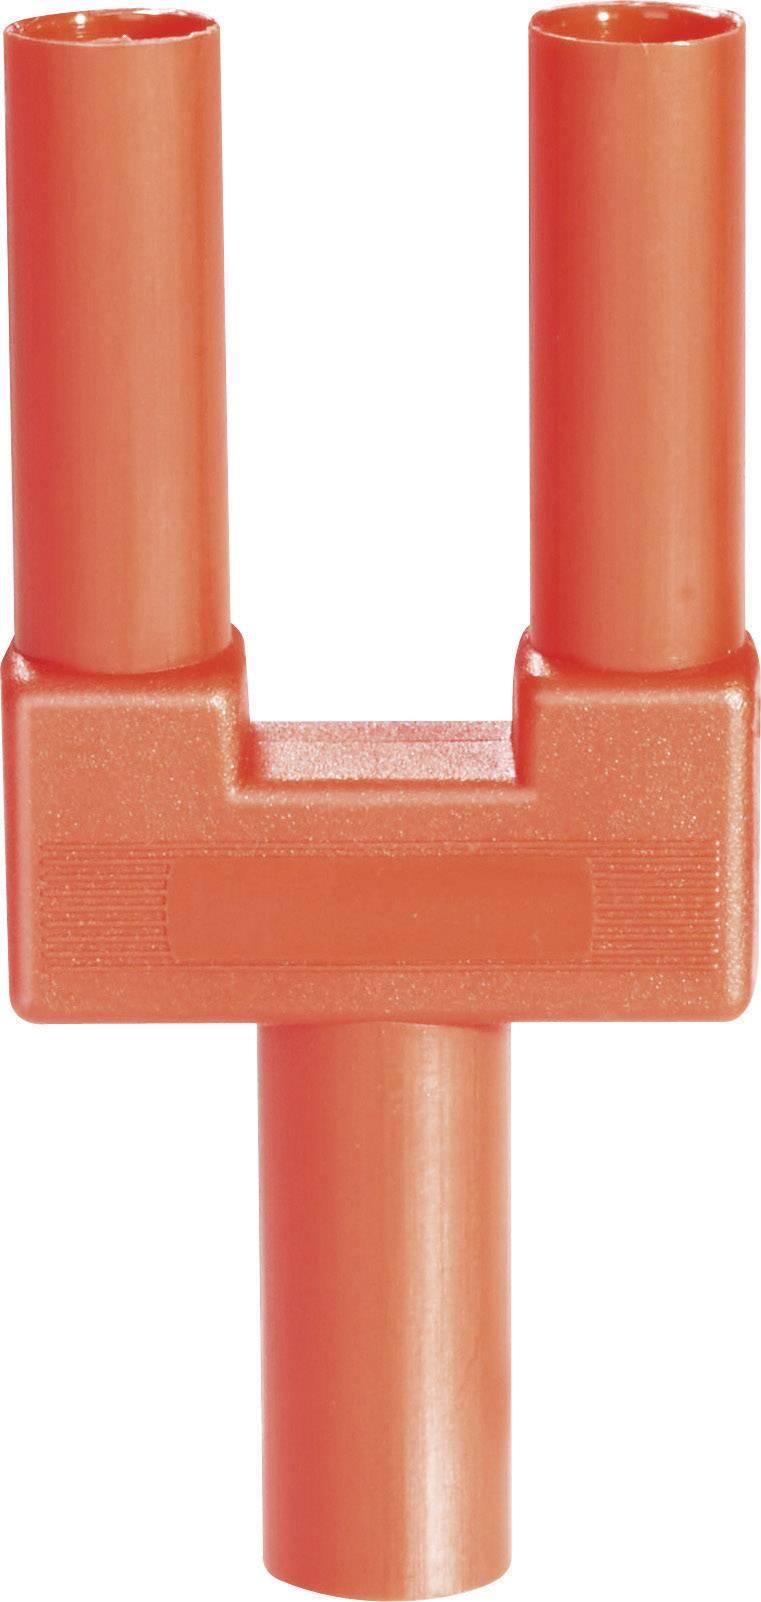 Bezpečnostný skratový mostík Schnepp SI-FK 19/4 mB rt, Ø hrotu 4 mm, rozostup hrotov 19 mm, červená, 1 ks